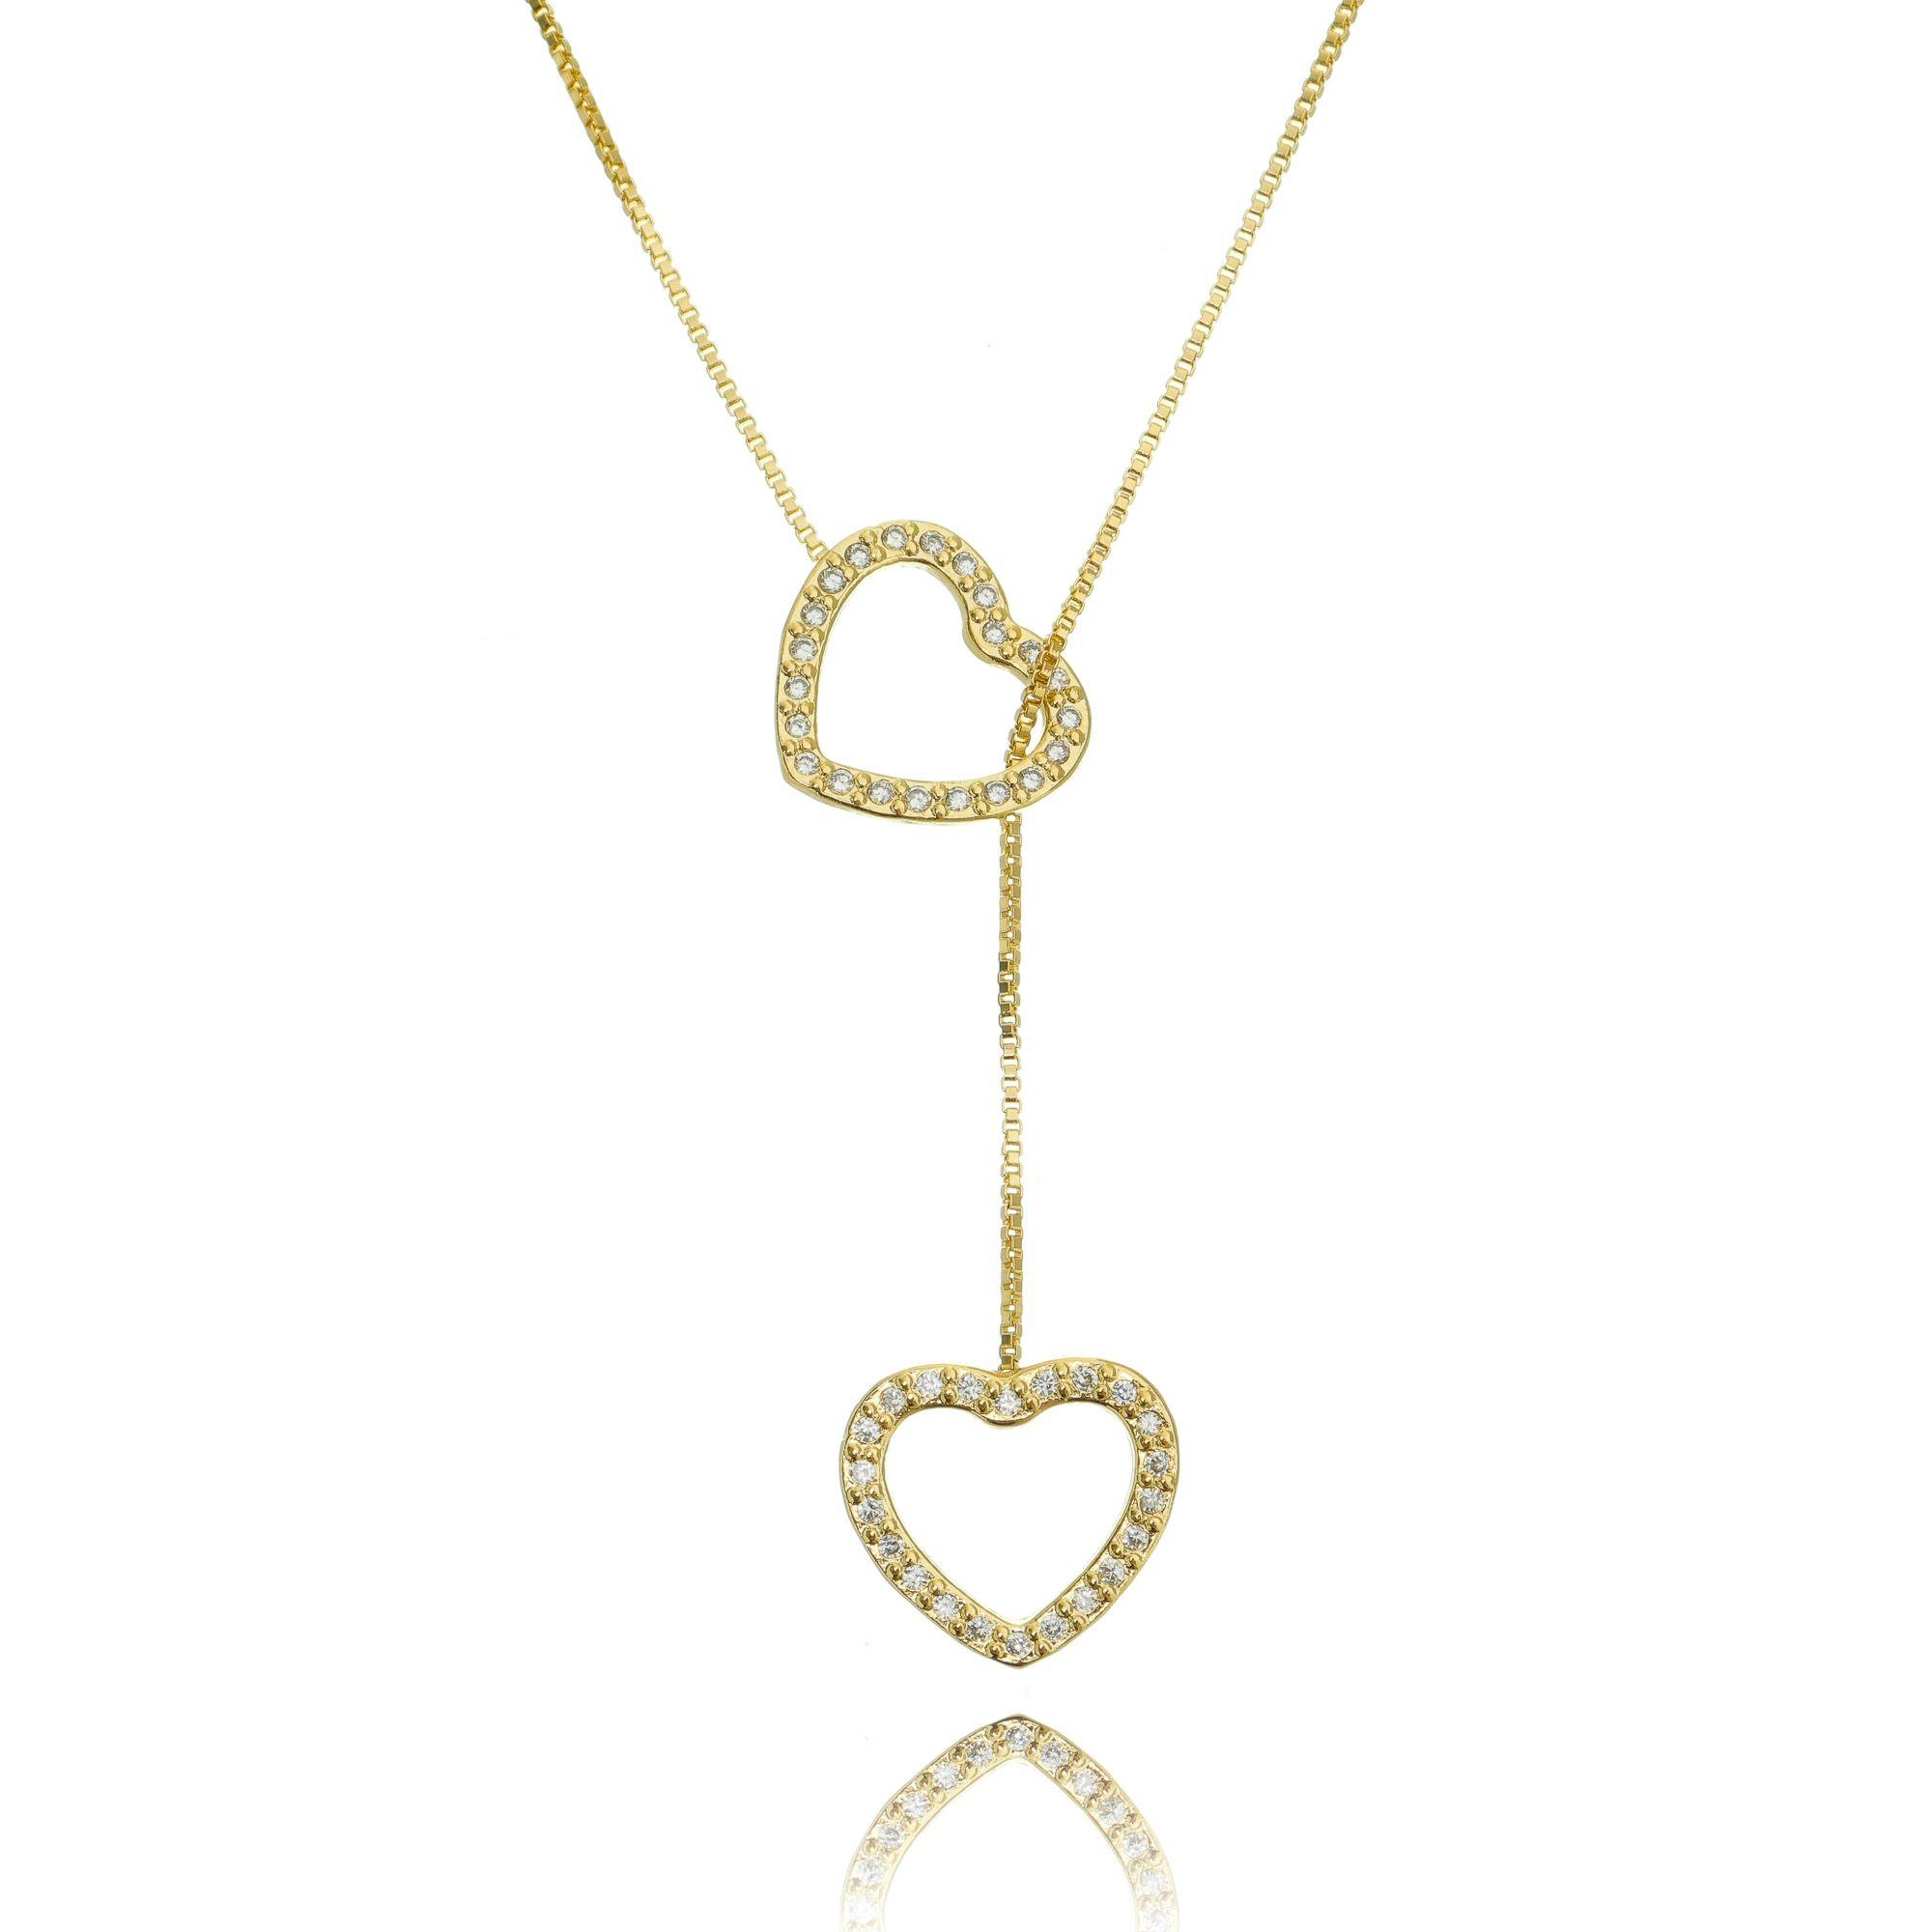 Colar Gravatinha Corações Cravejado Zircônia Cristal Semijoia Fashion Ouro  - Soloyou